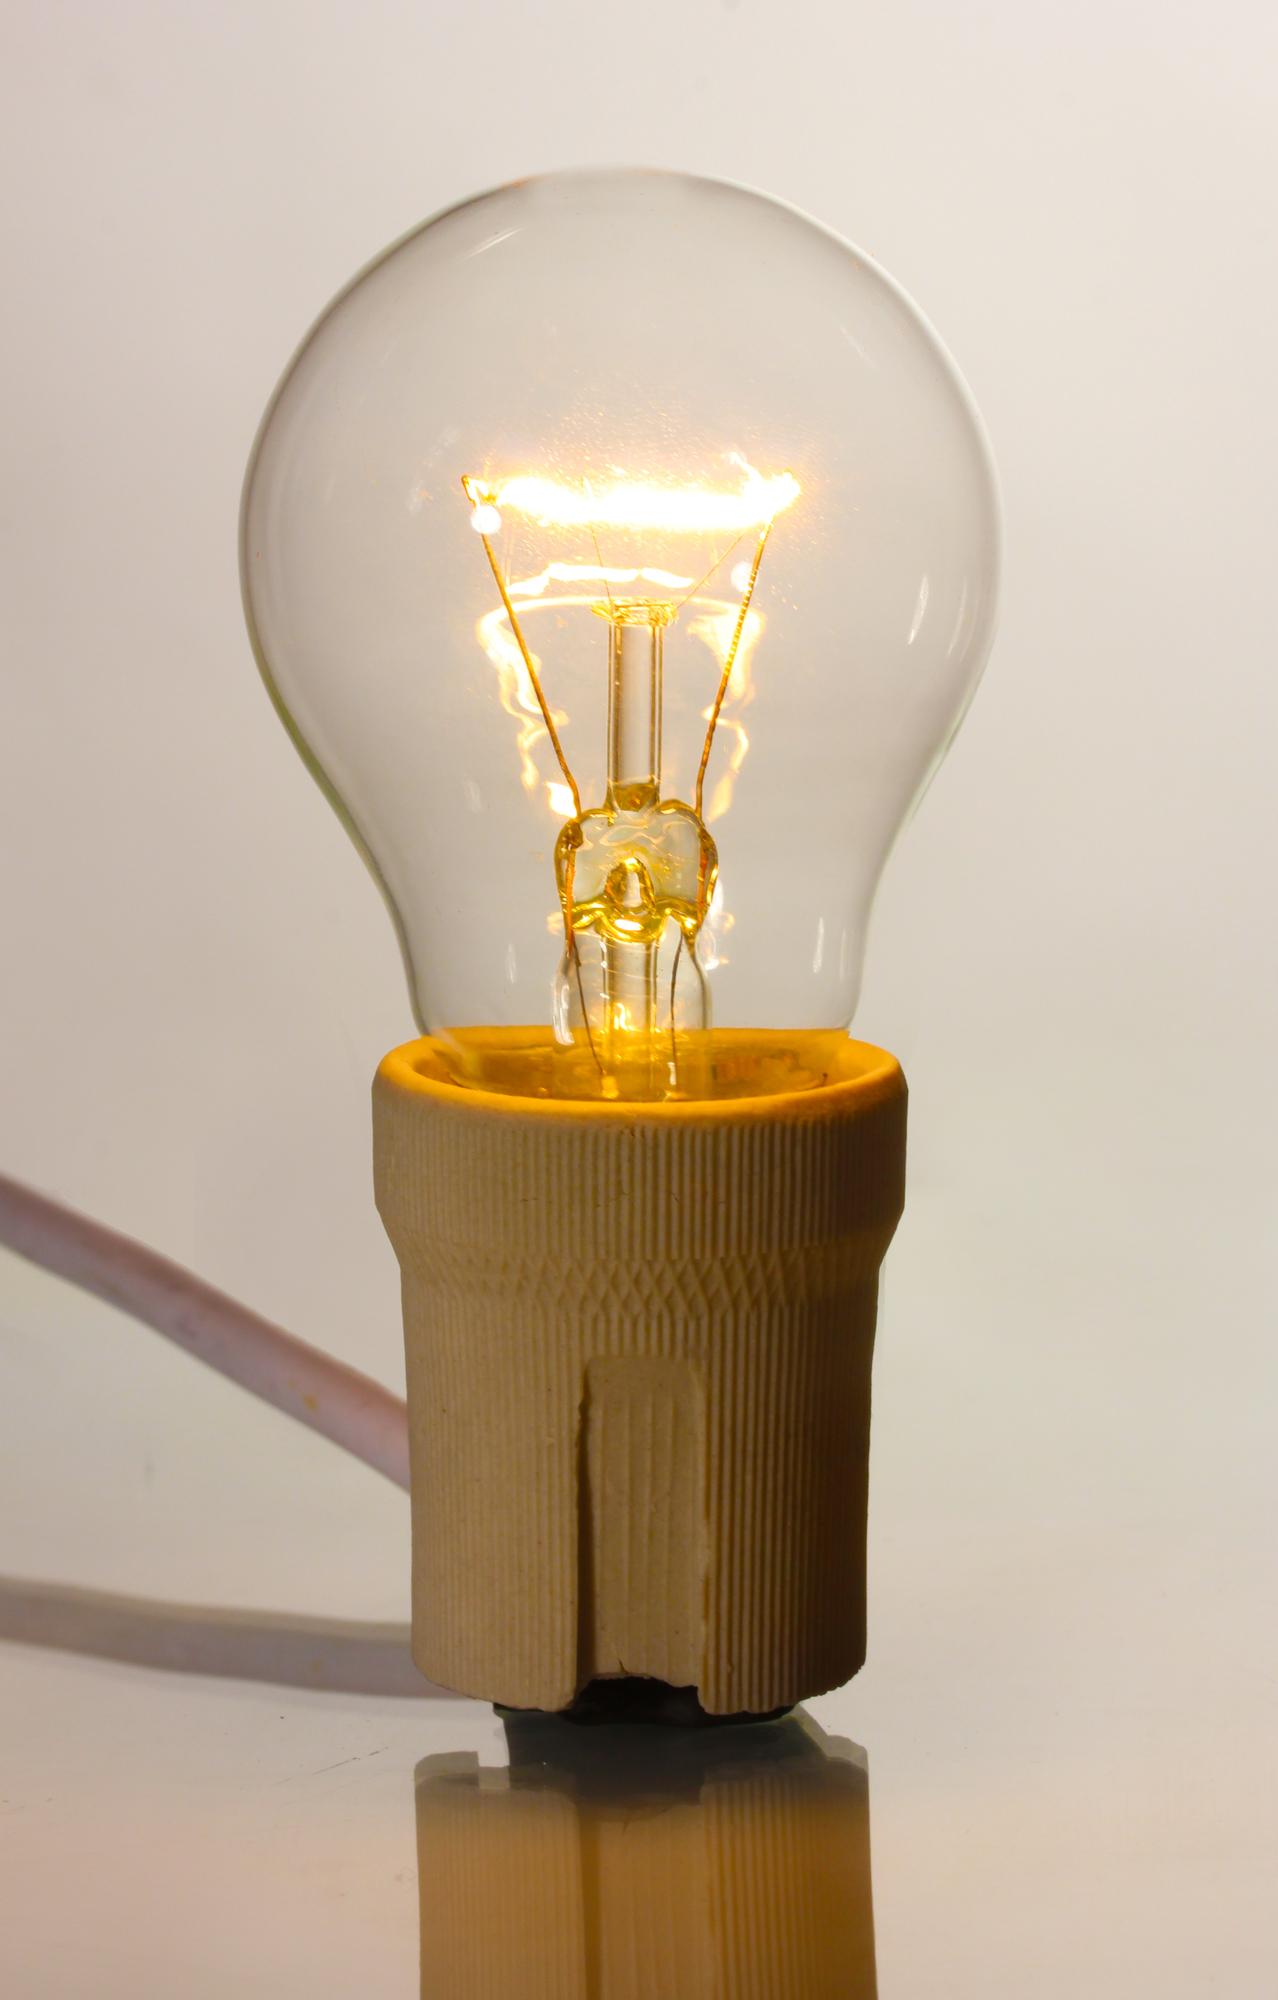 Lighting repair